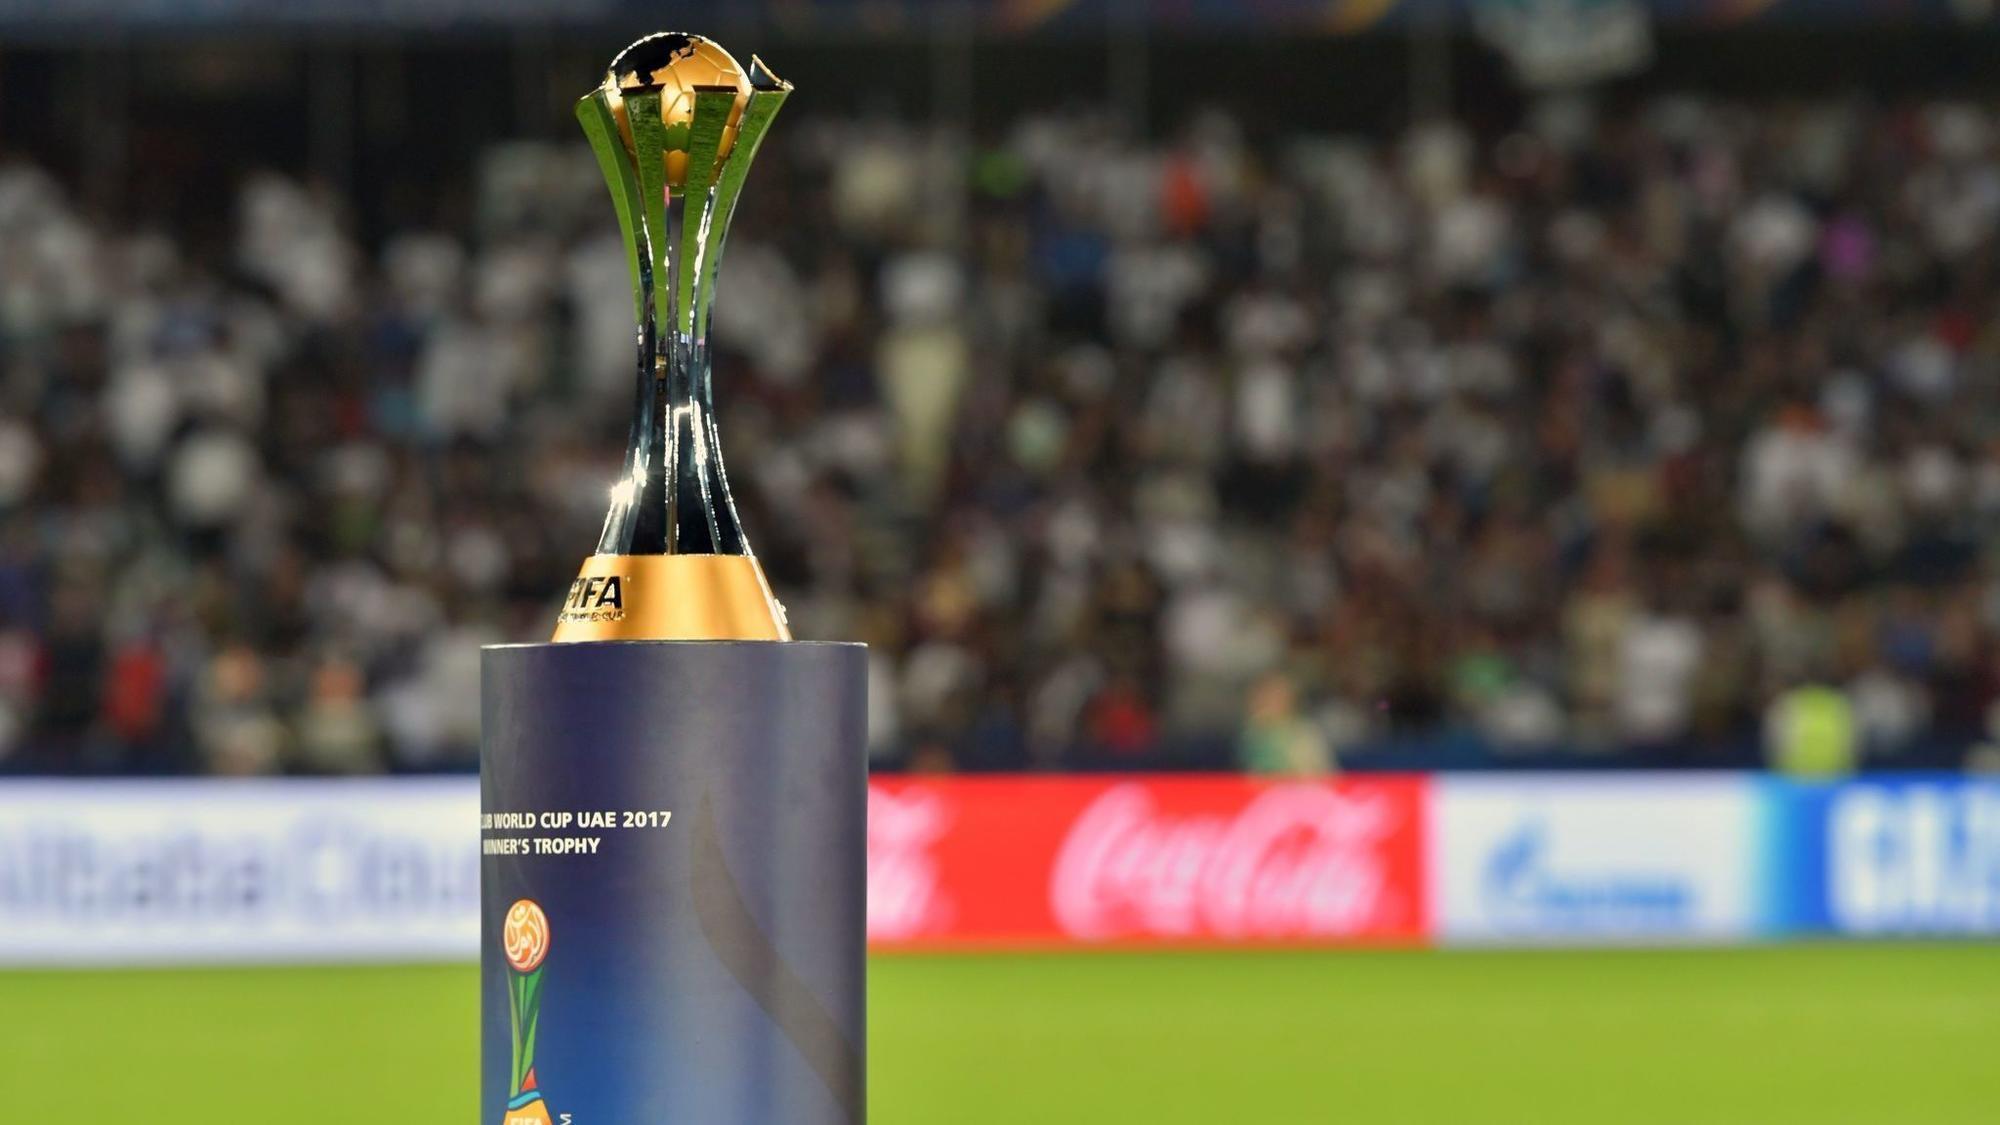 FIFA Ubah Format Piala Dunia Antarklub MU Menolak Berita